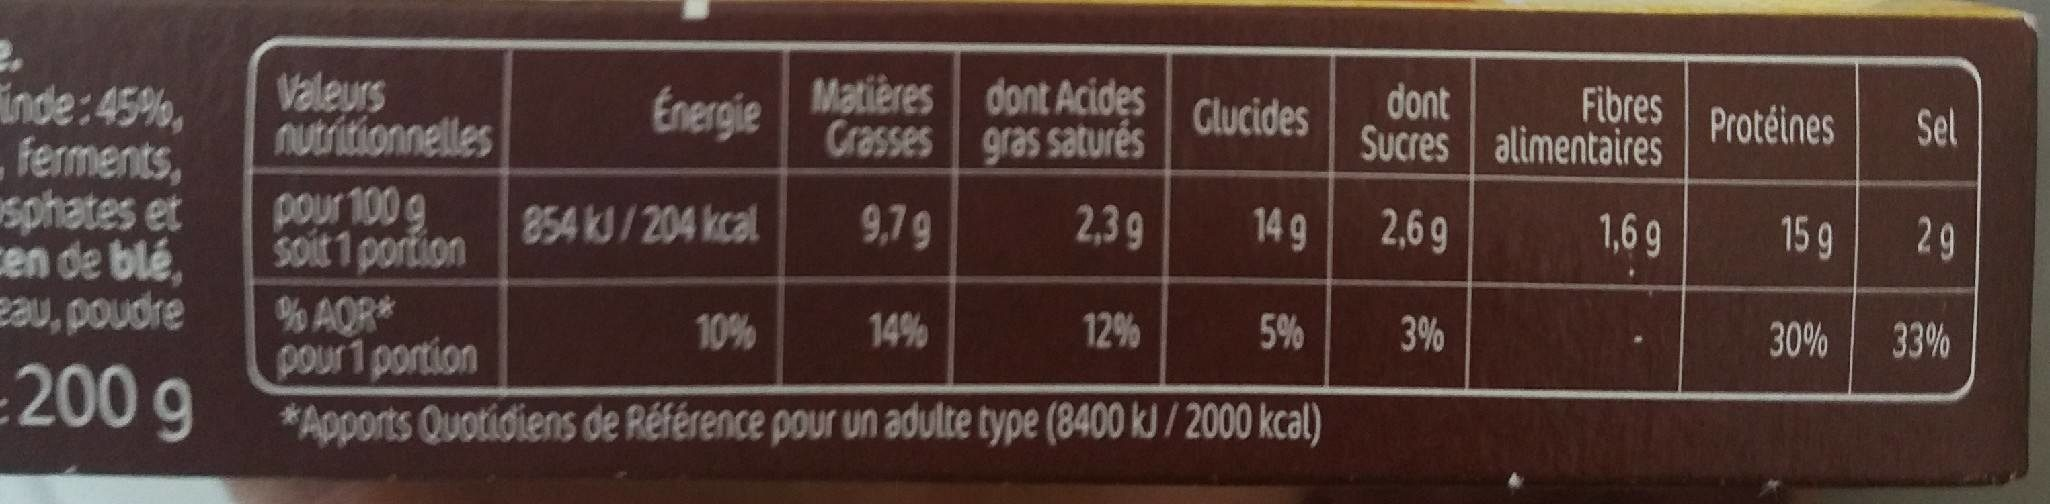 Croq jambon de dinde x2 - Nutrition facts